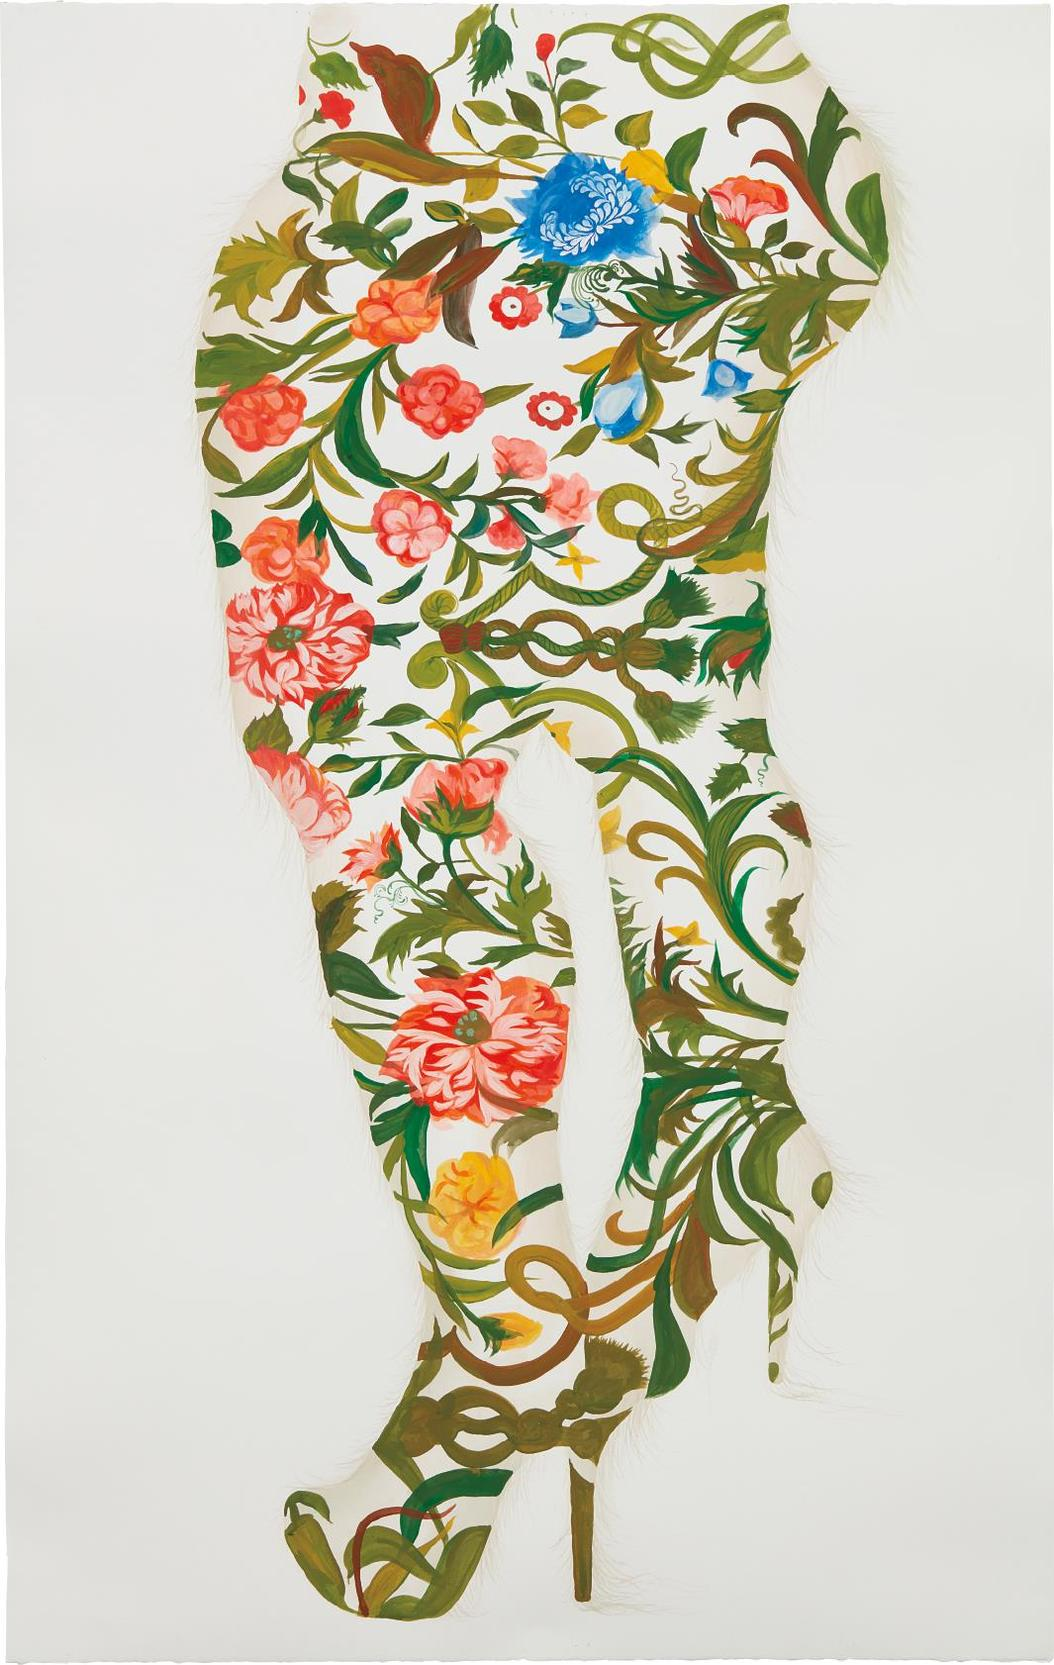 Firelei Baez-Untitled-2013